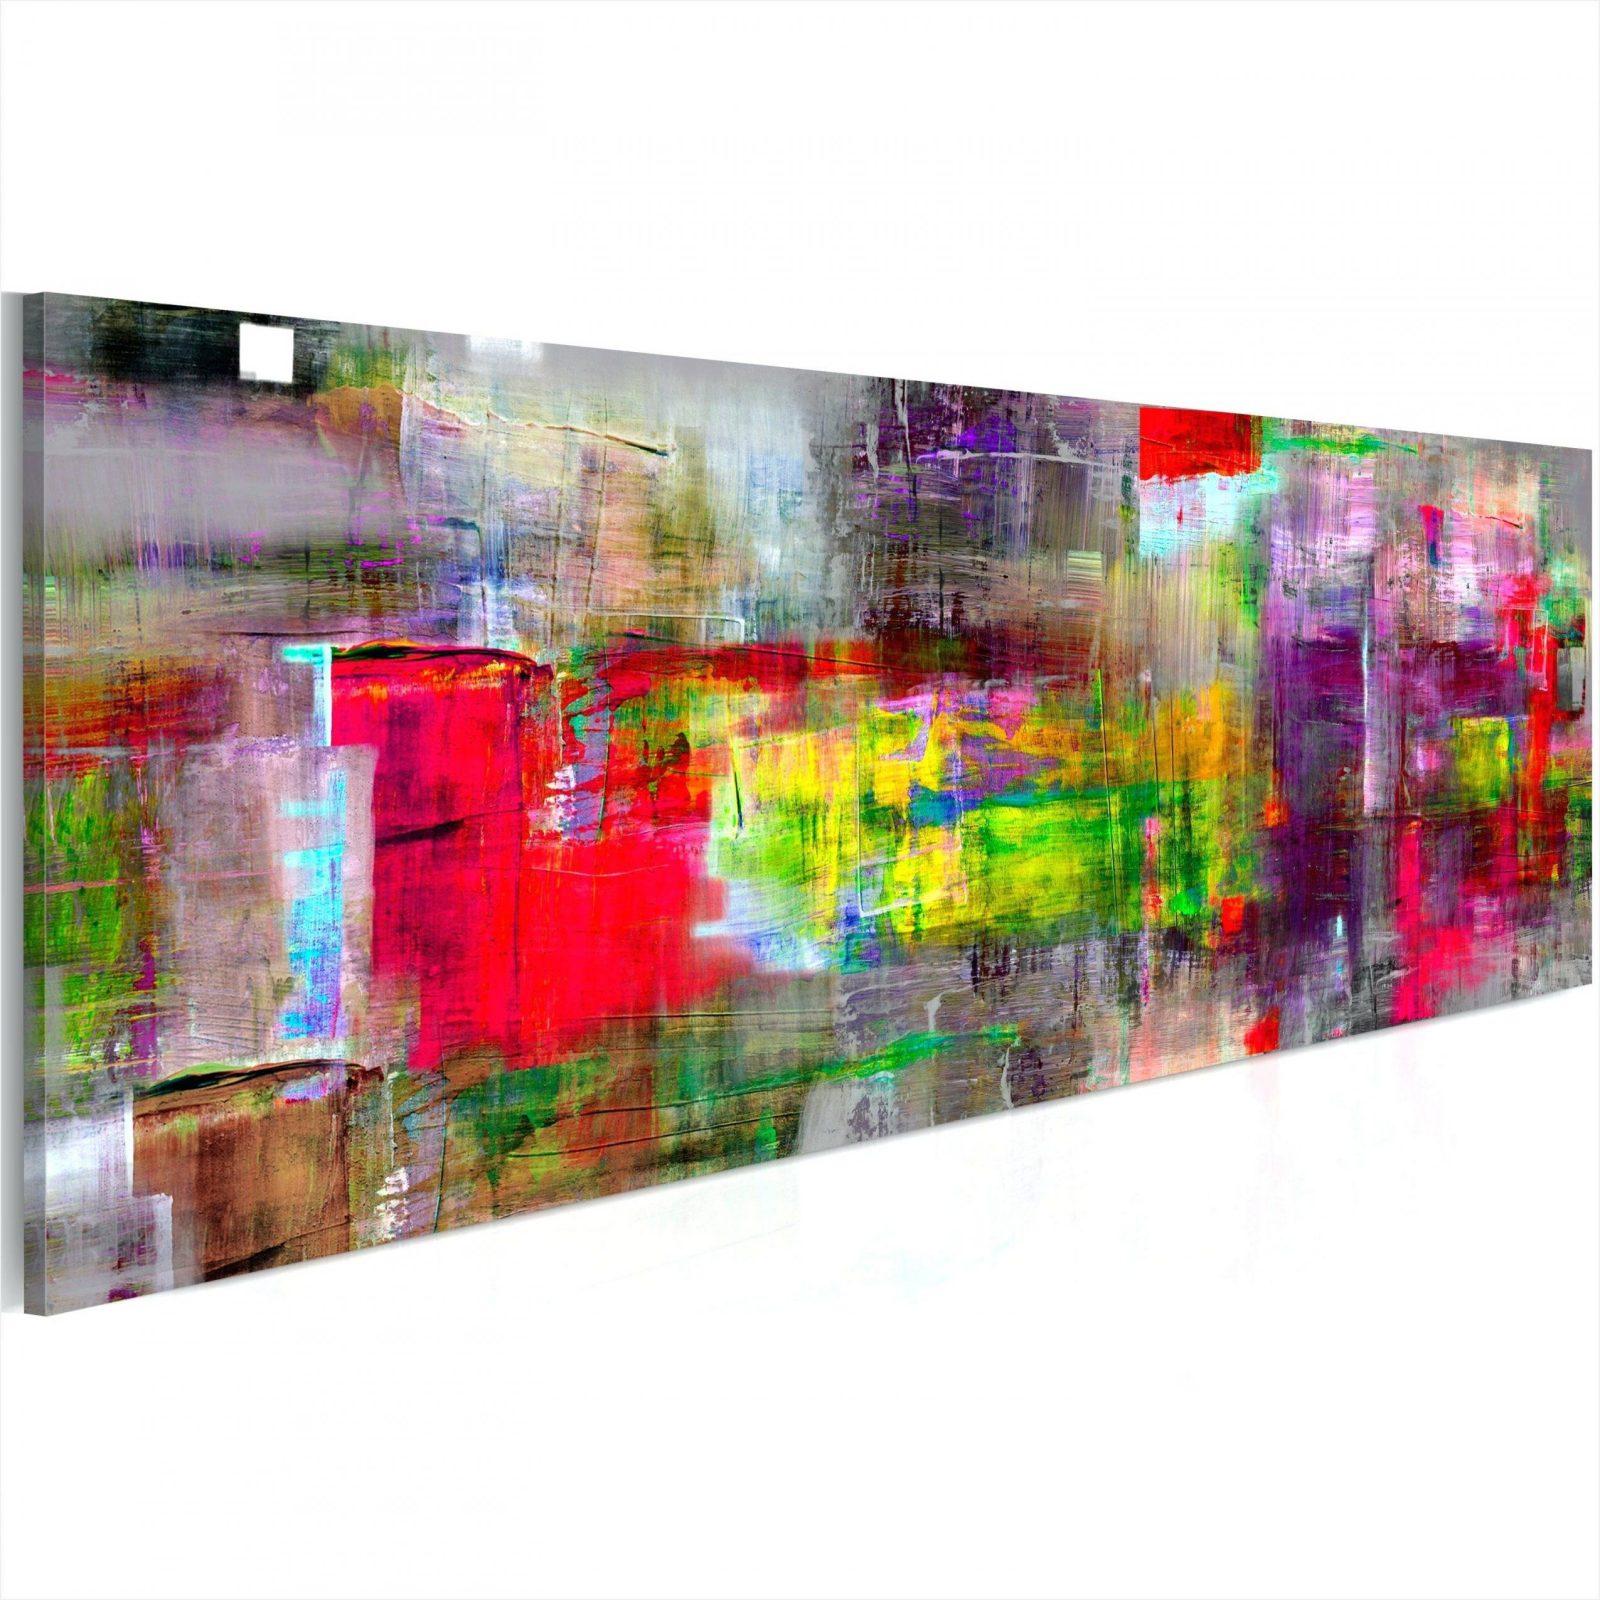 Wandbilder Handgemalt Handgemalte Bilder Auf Leinwand Wunderbar von Handgemalte Bilder Auf Leinwand Abstrakt Bild